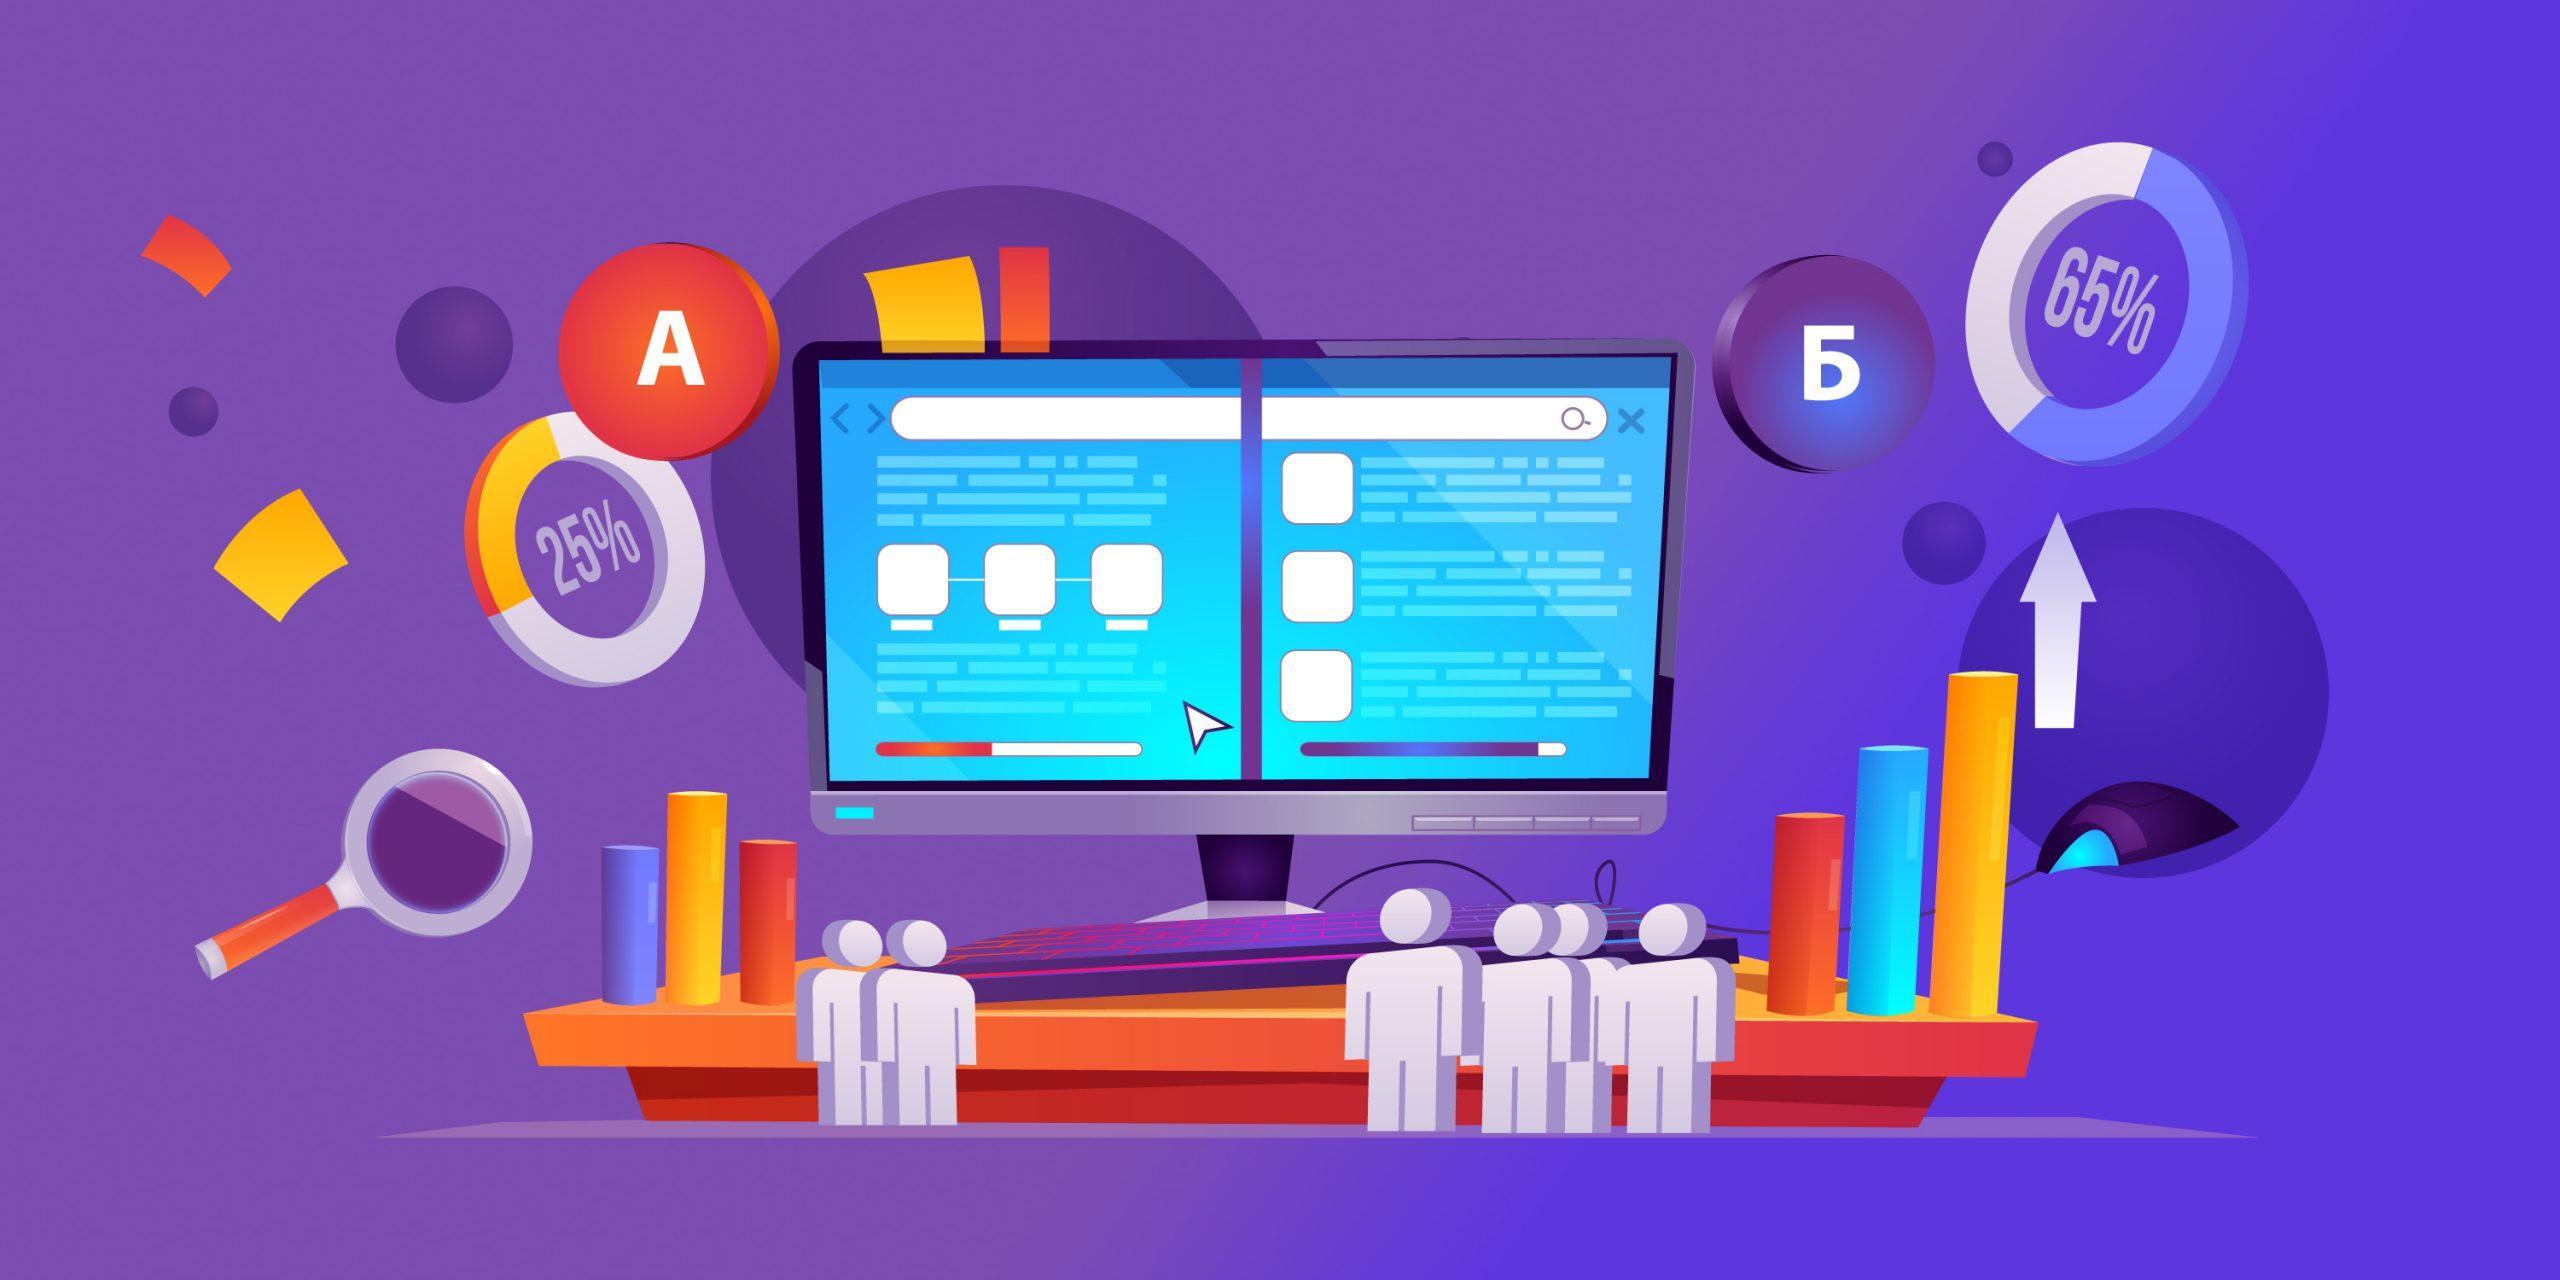 {:en}Калькулятор А/Б-тестов: для чего он нужен и как им пользоваться{:}{:ru}Калькулятор А/Б-тестов: для чего он нужен и как им пользоваться {:}